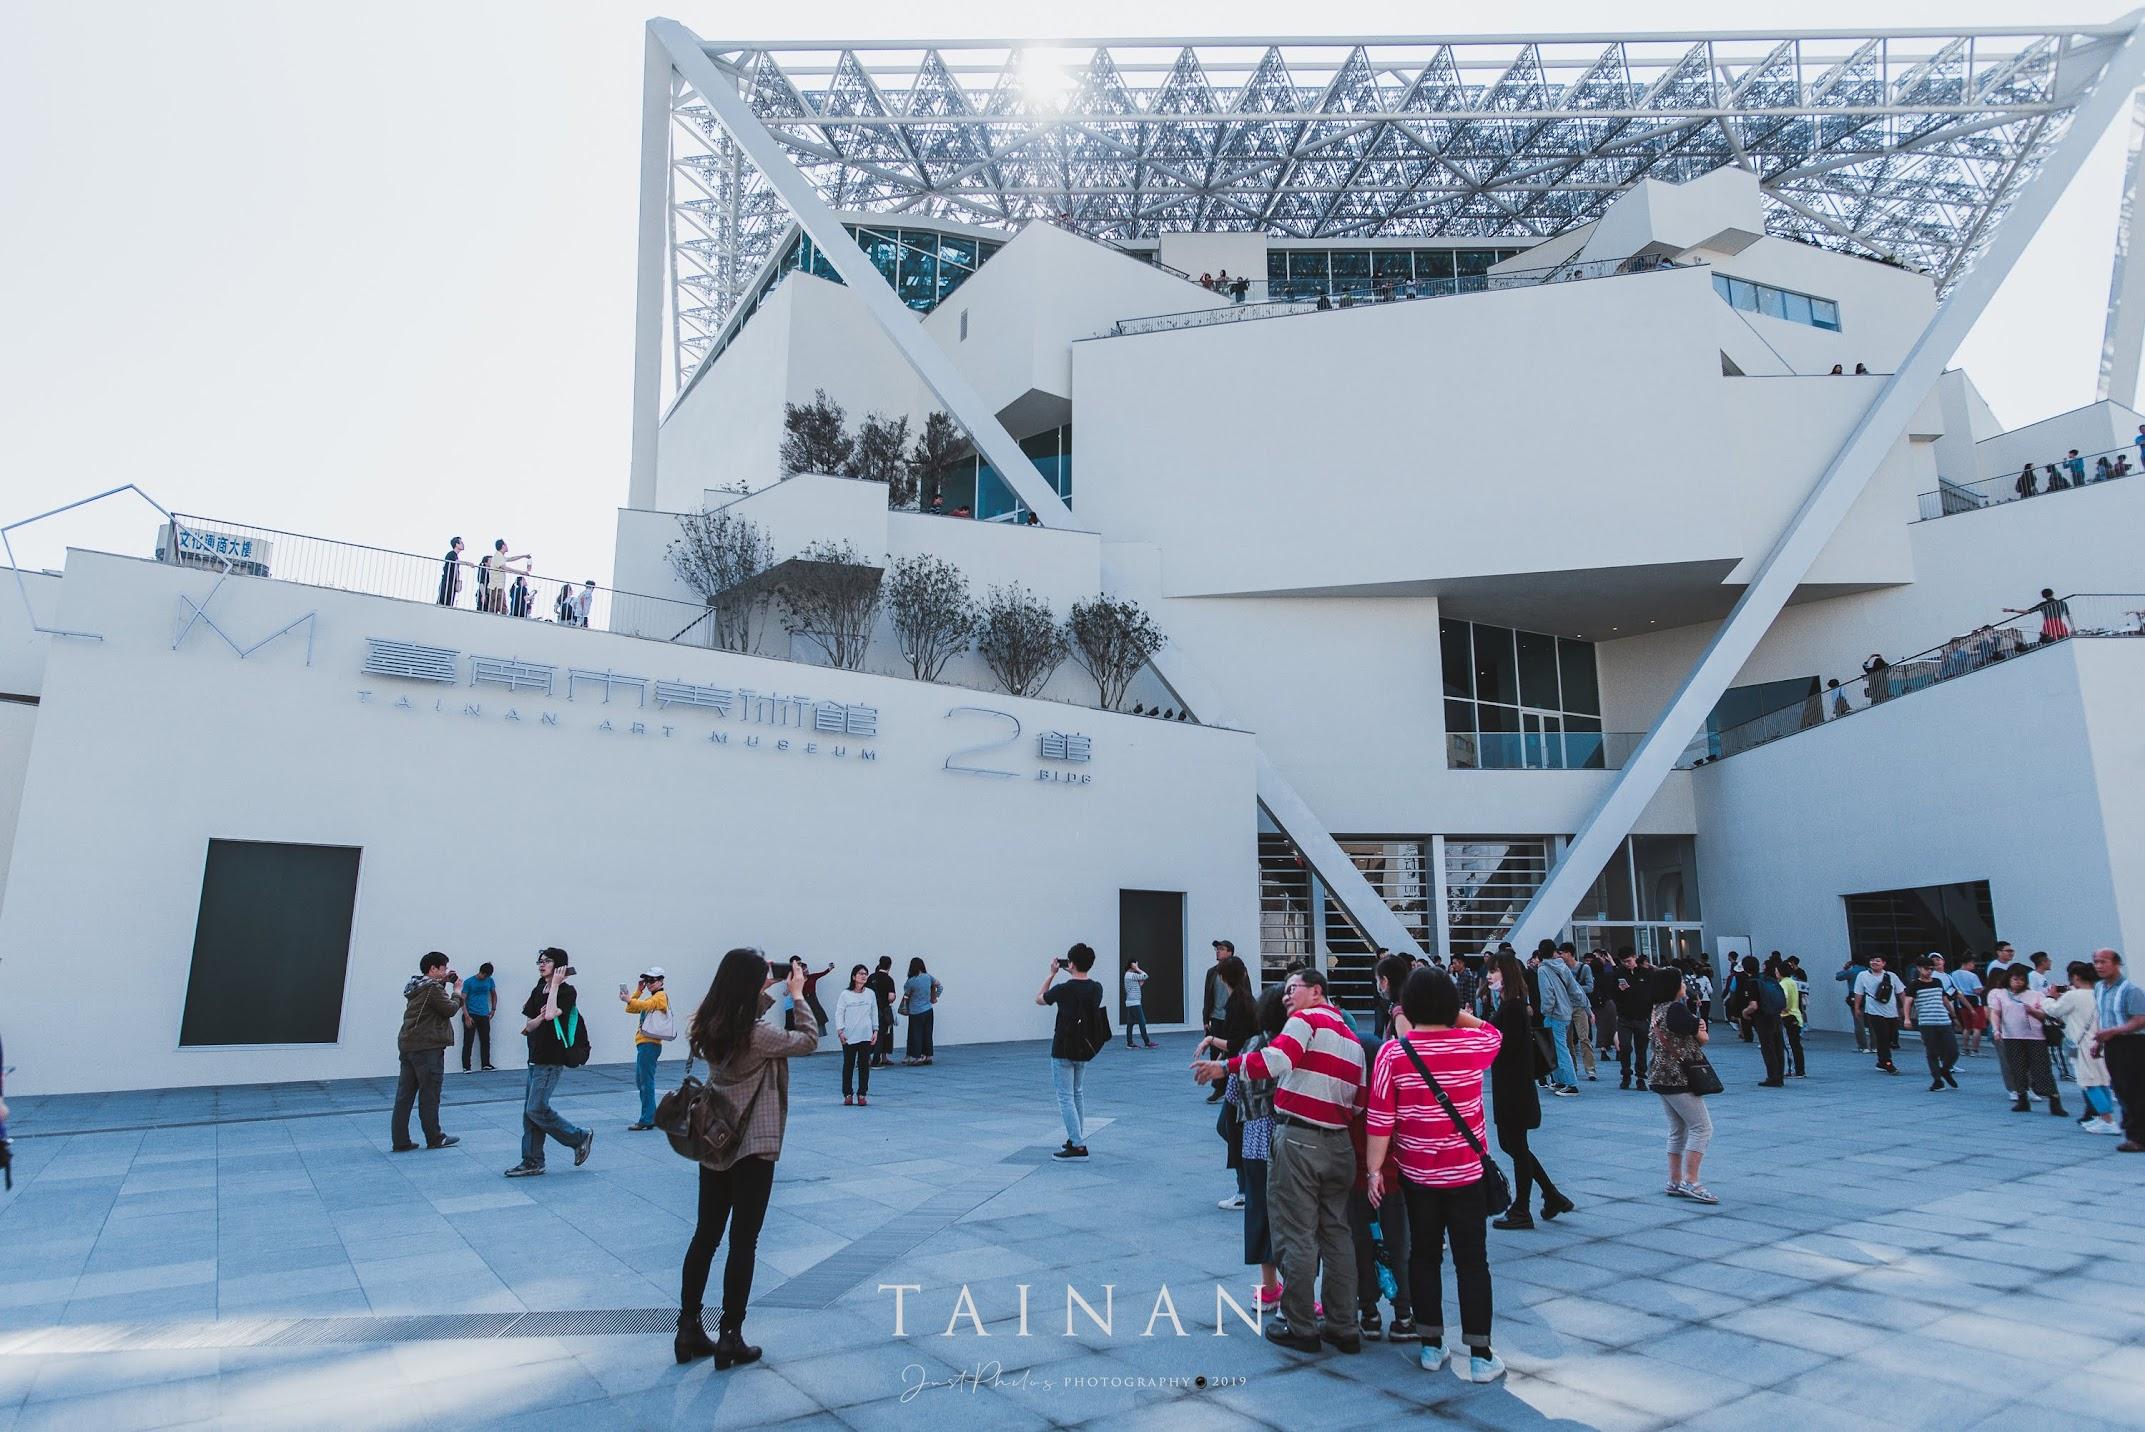 台南美術館二館又稱「南美館」,是目前最夯的台南新興IG景點。